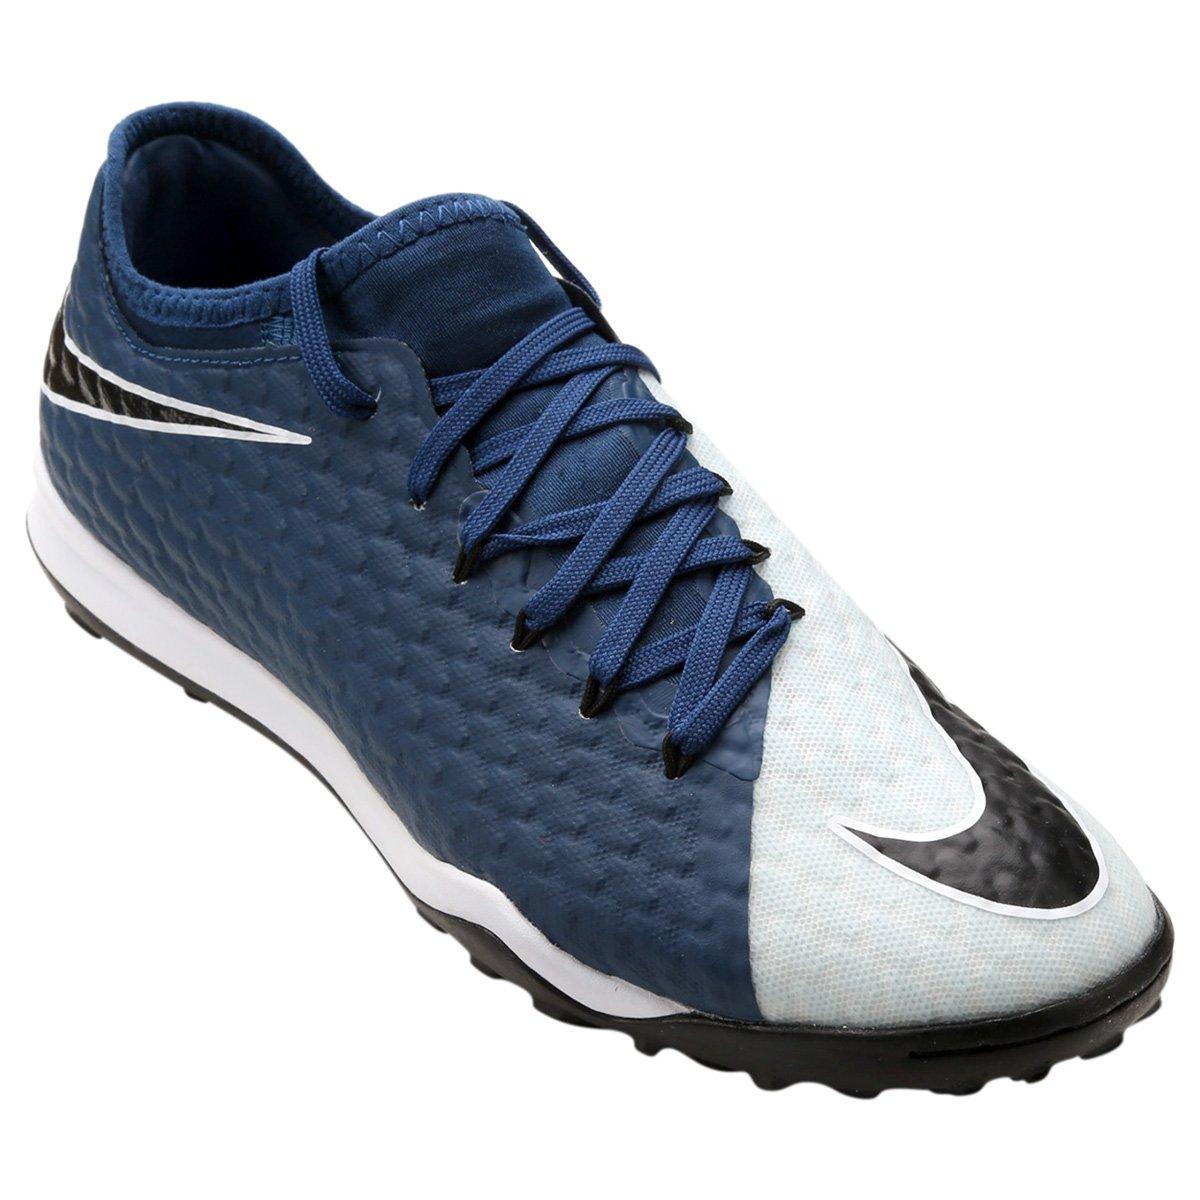 7289b5016352f Chuteira Society Nike Hypervenom Finale 2 TF | Shop Timão